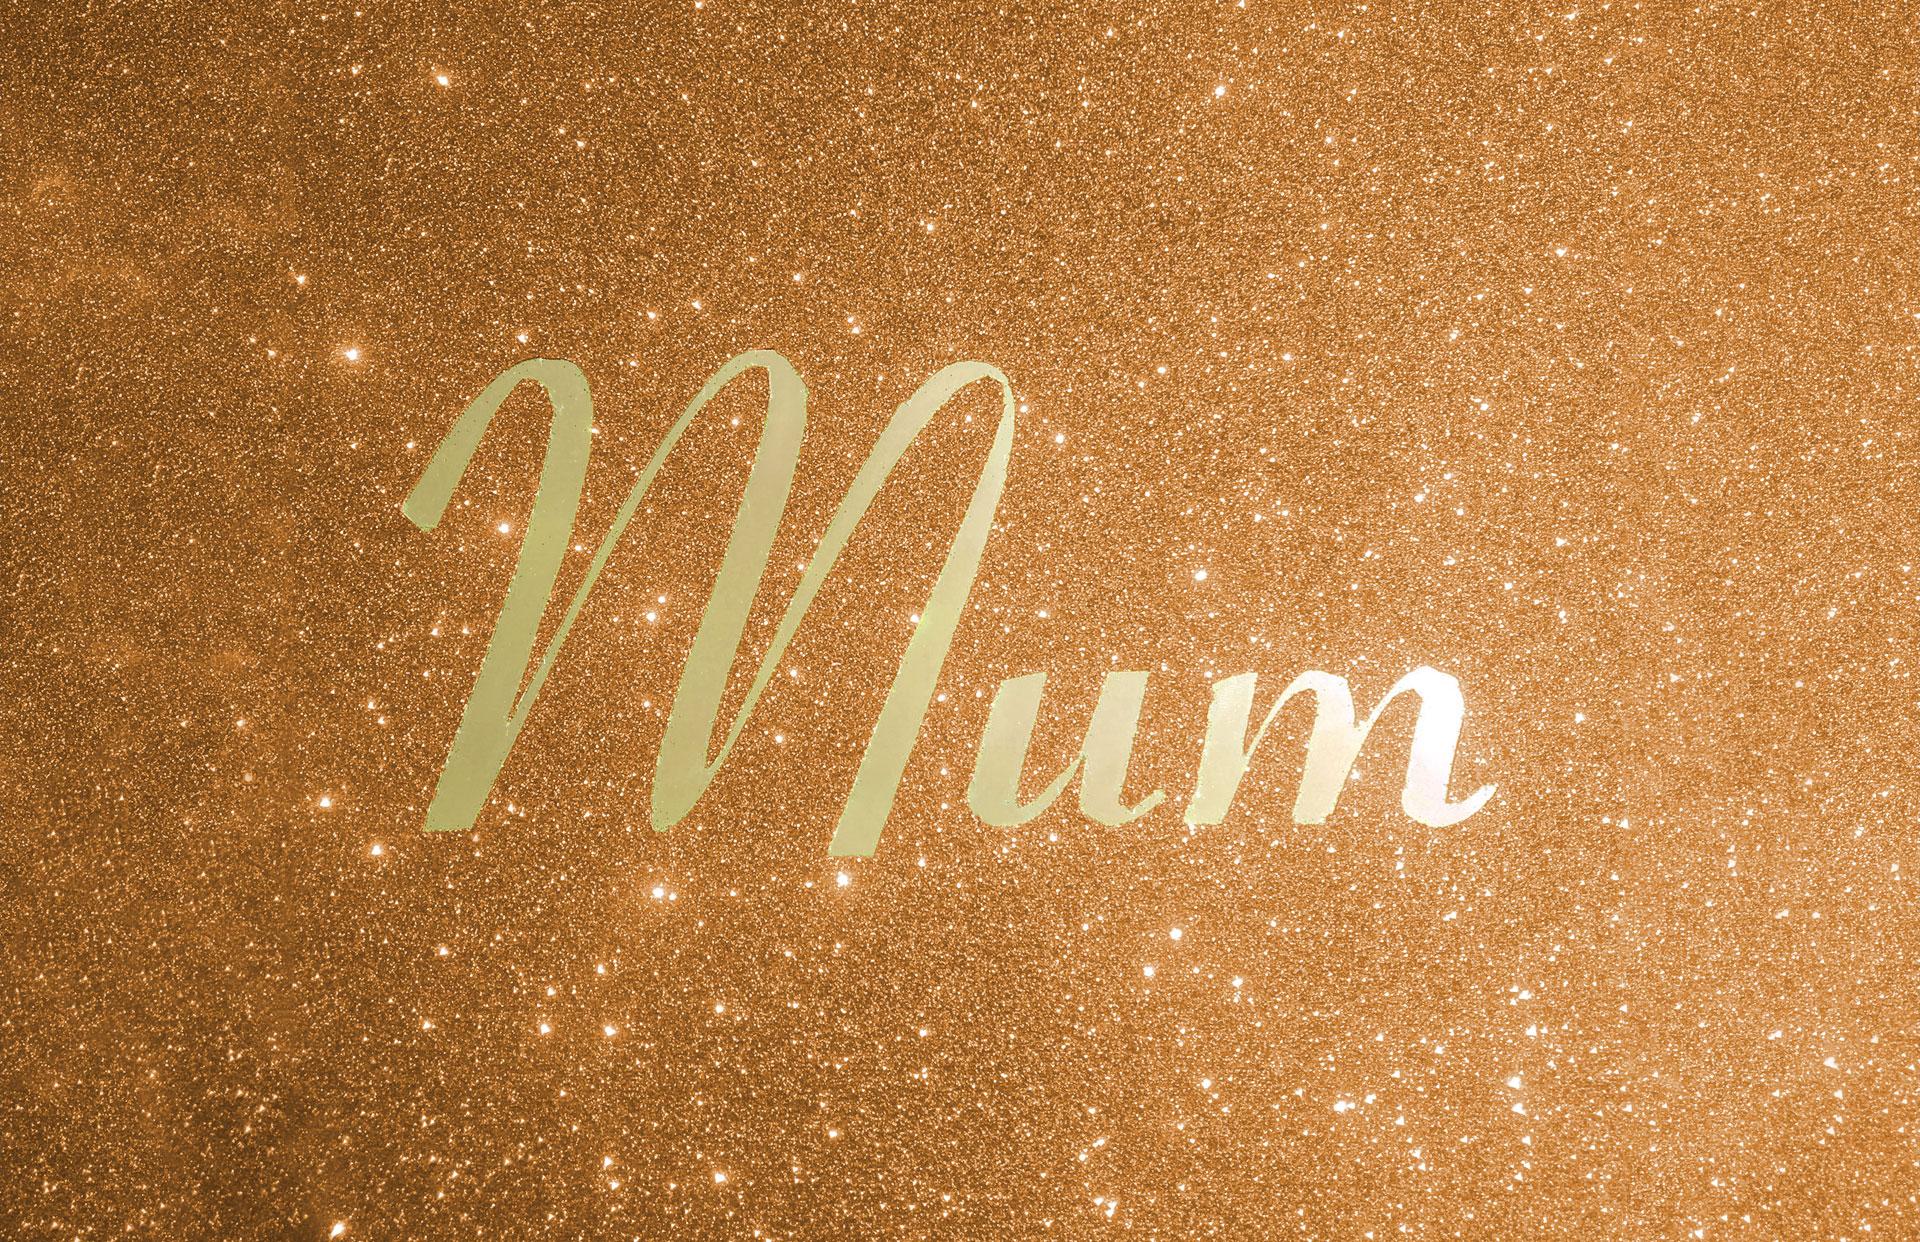 Mirror wording shown in gold